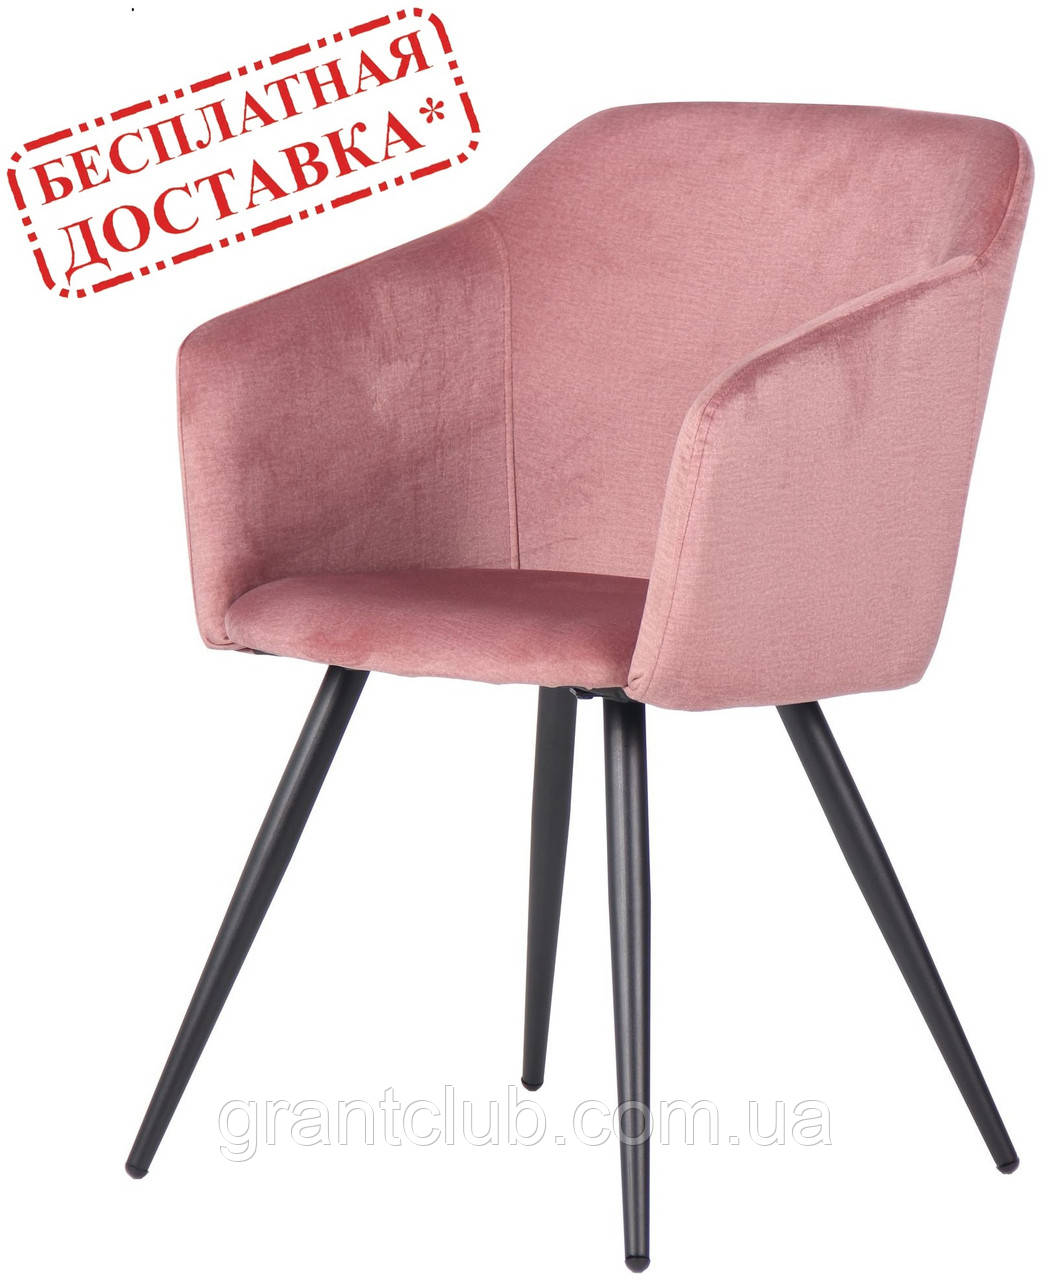 Кресло LYNETTE велюр розовый AMF (бесплатная адресная доставка)